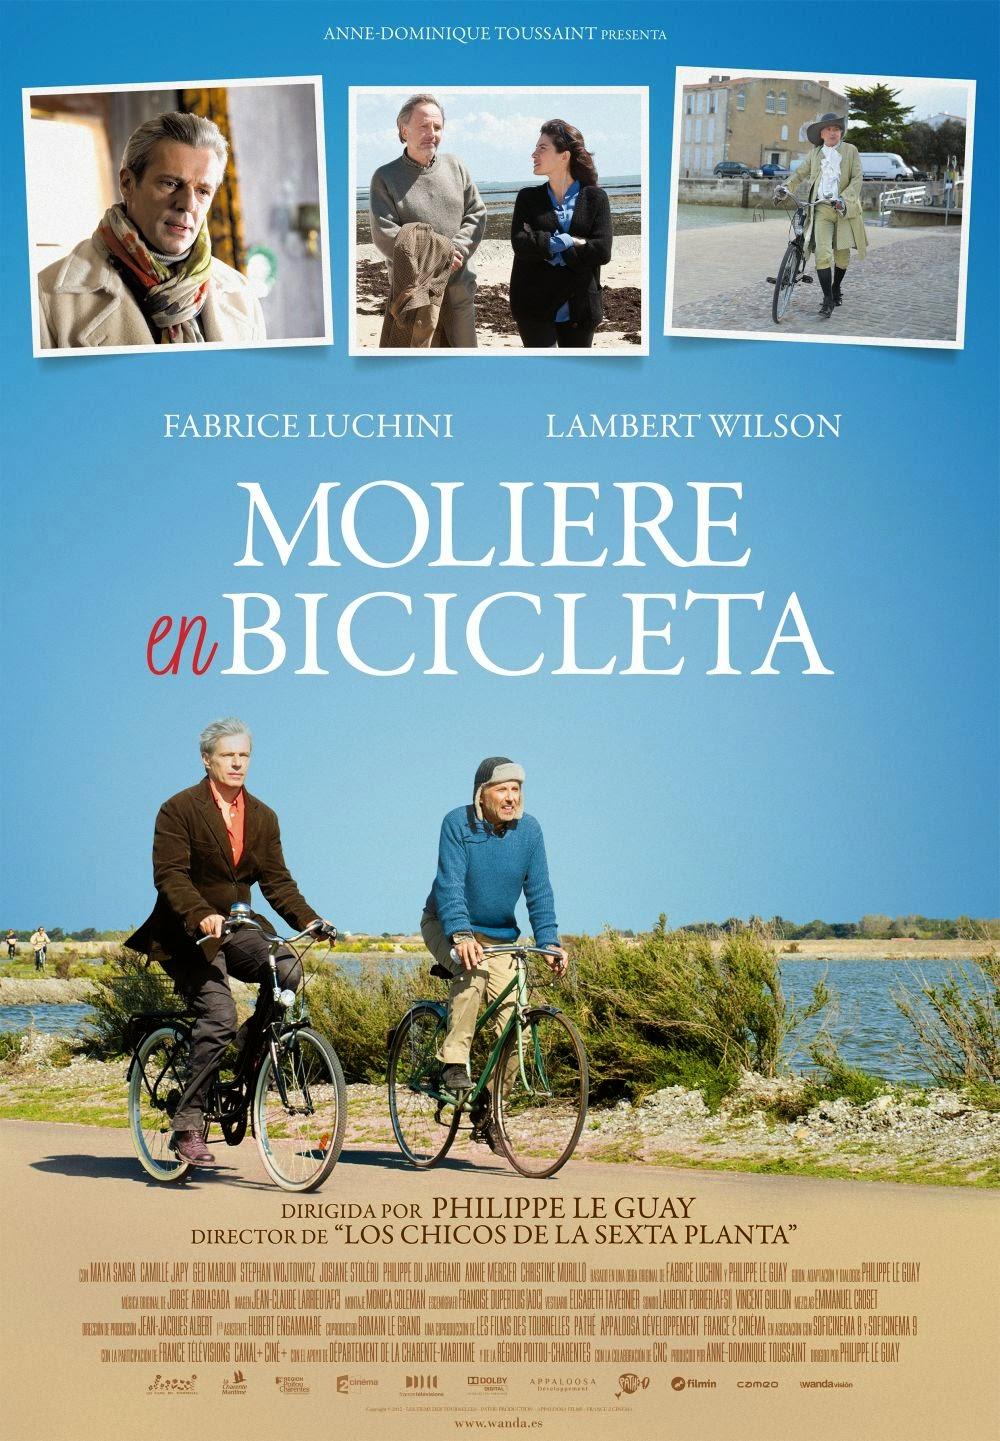 Moliere en bicicleta (2013)